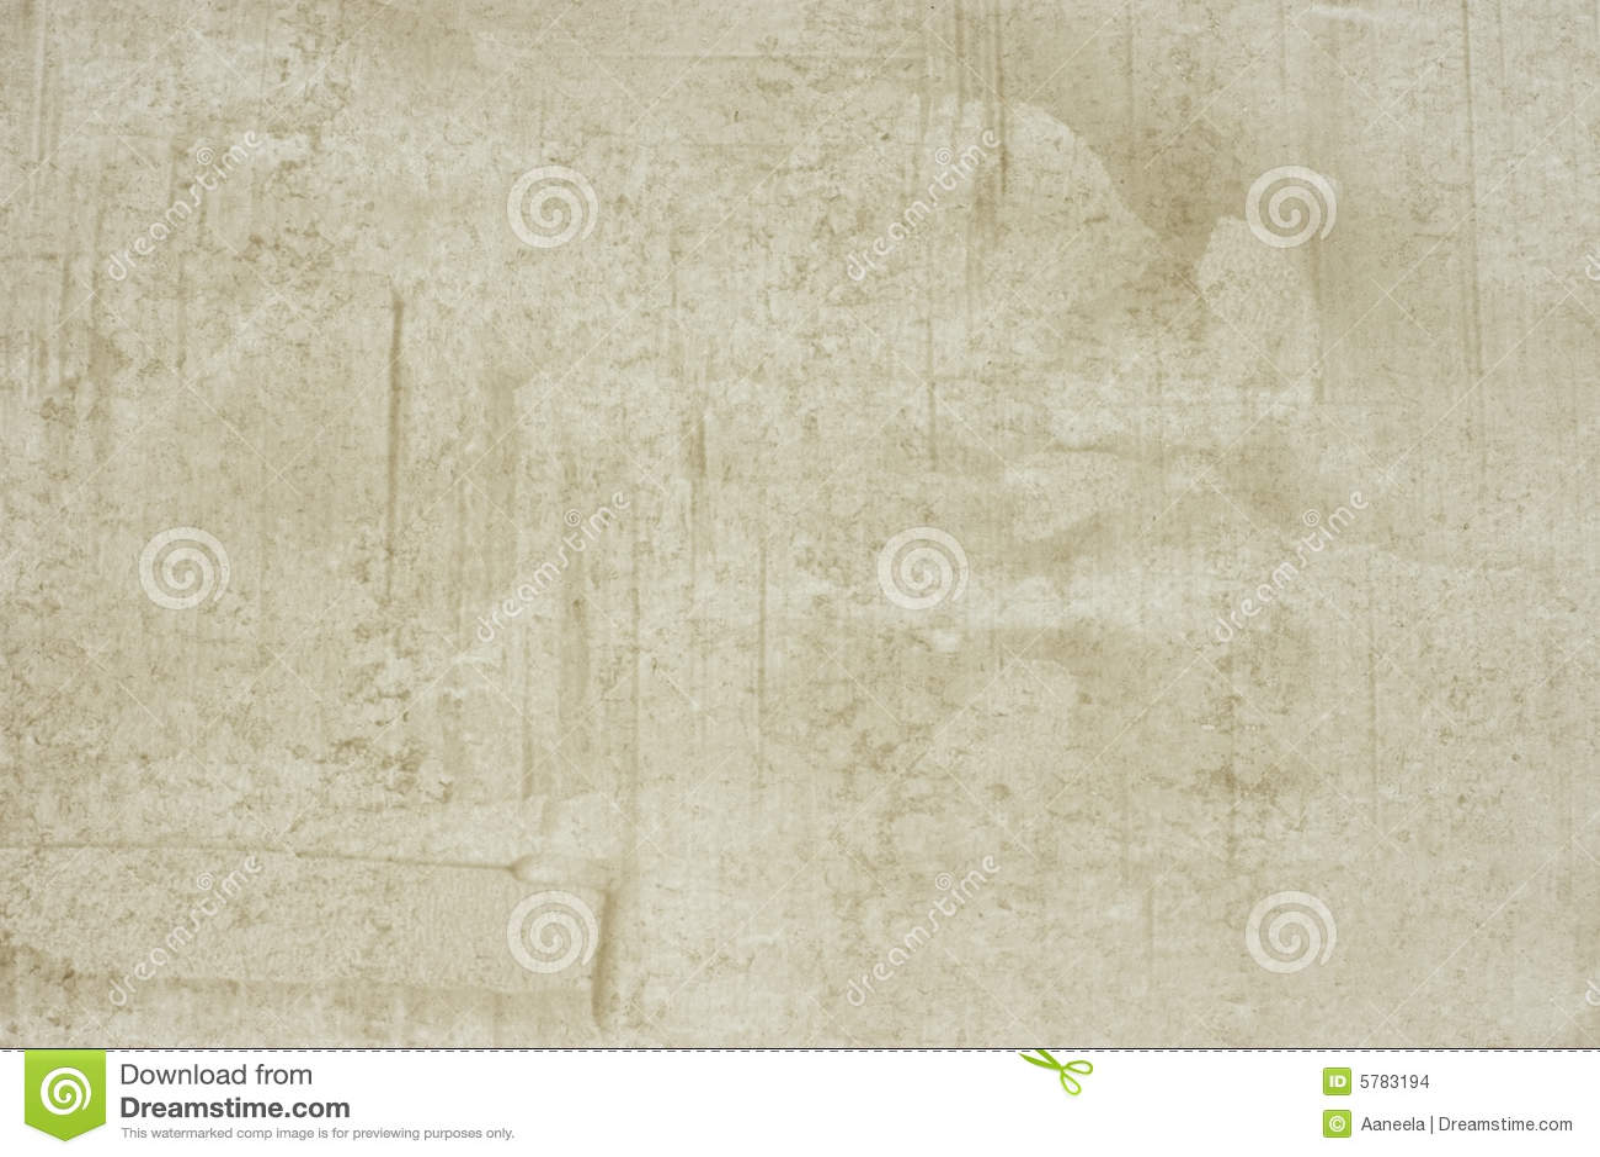 Neutrale Geweven Muur Stock Afbeeldingen - Afbeelding: 5783194